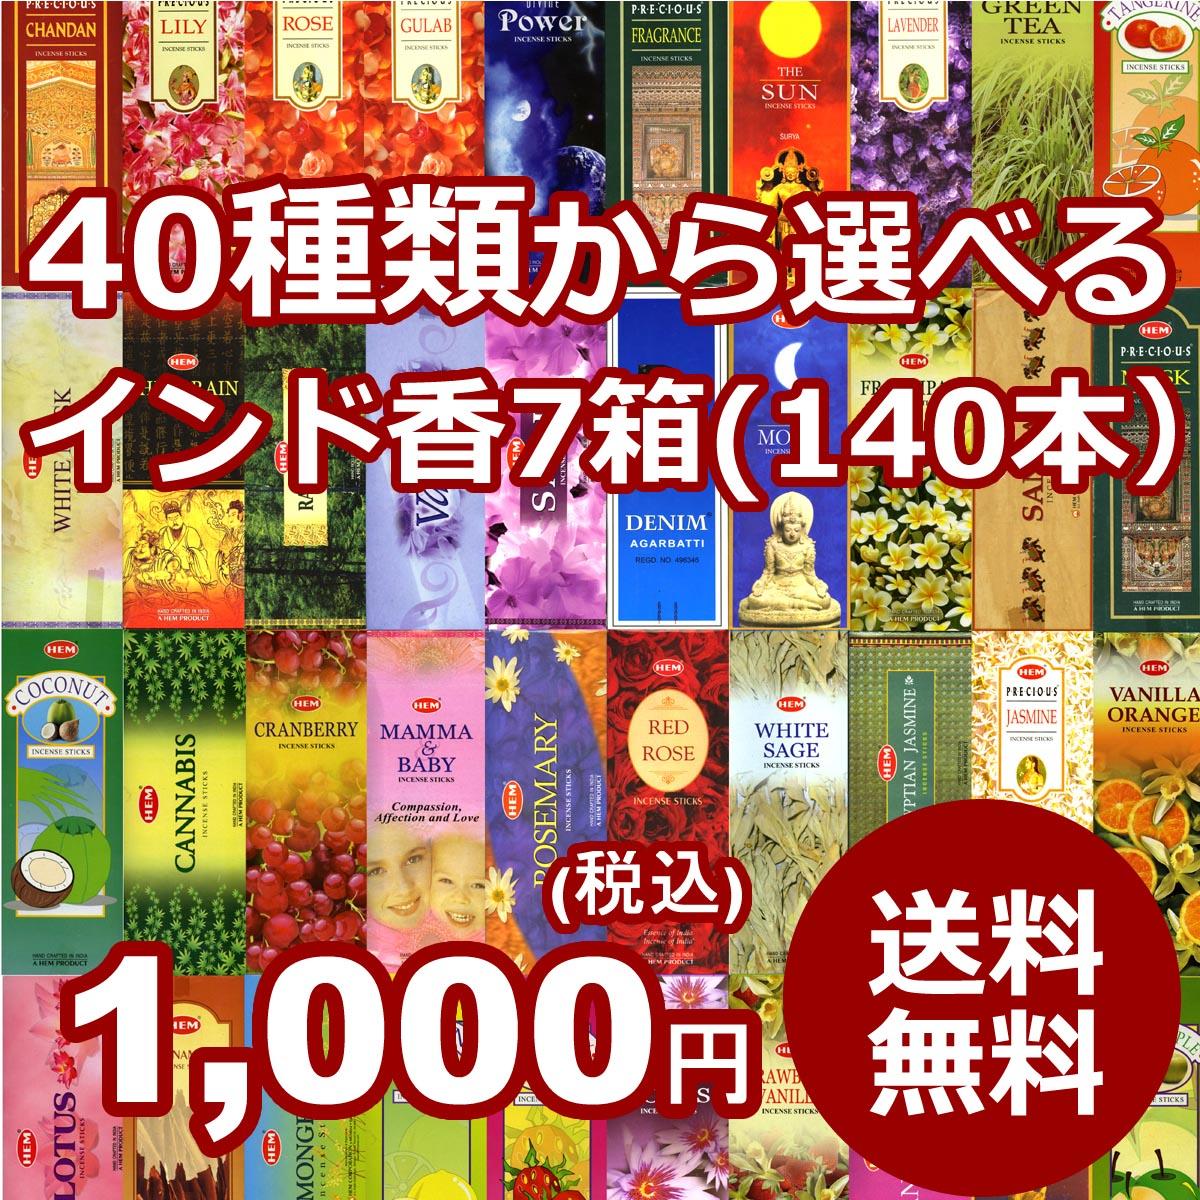 40種類から7種類選べるお香セット